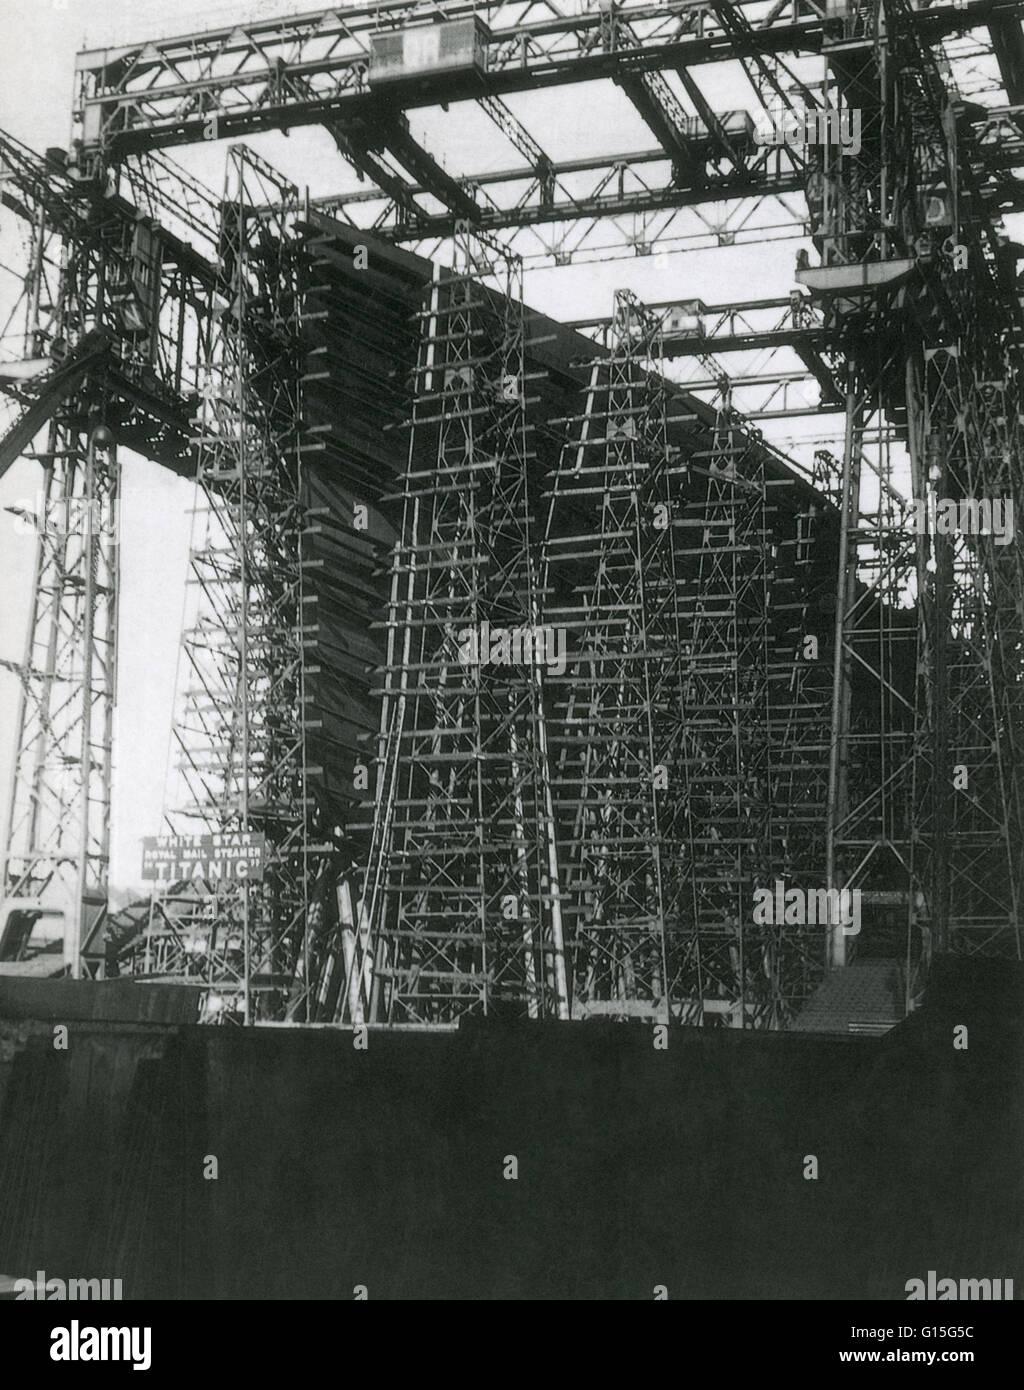 Frühen Bau der Titanic (1910), ein 46.000 Tonnen Schiff, das größte seiner Zeit. Stockbild